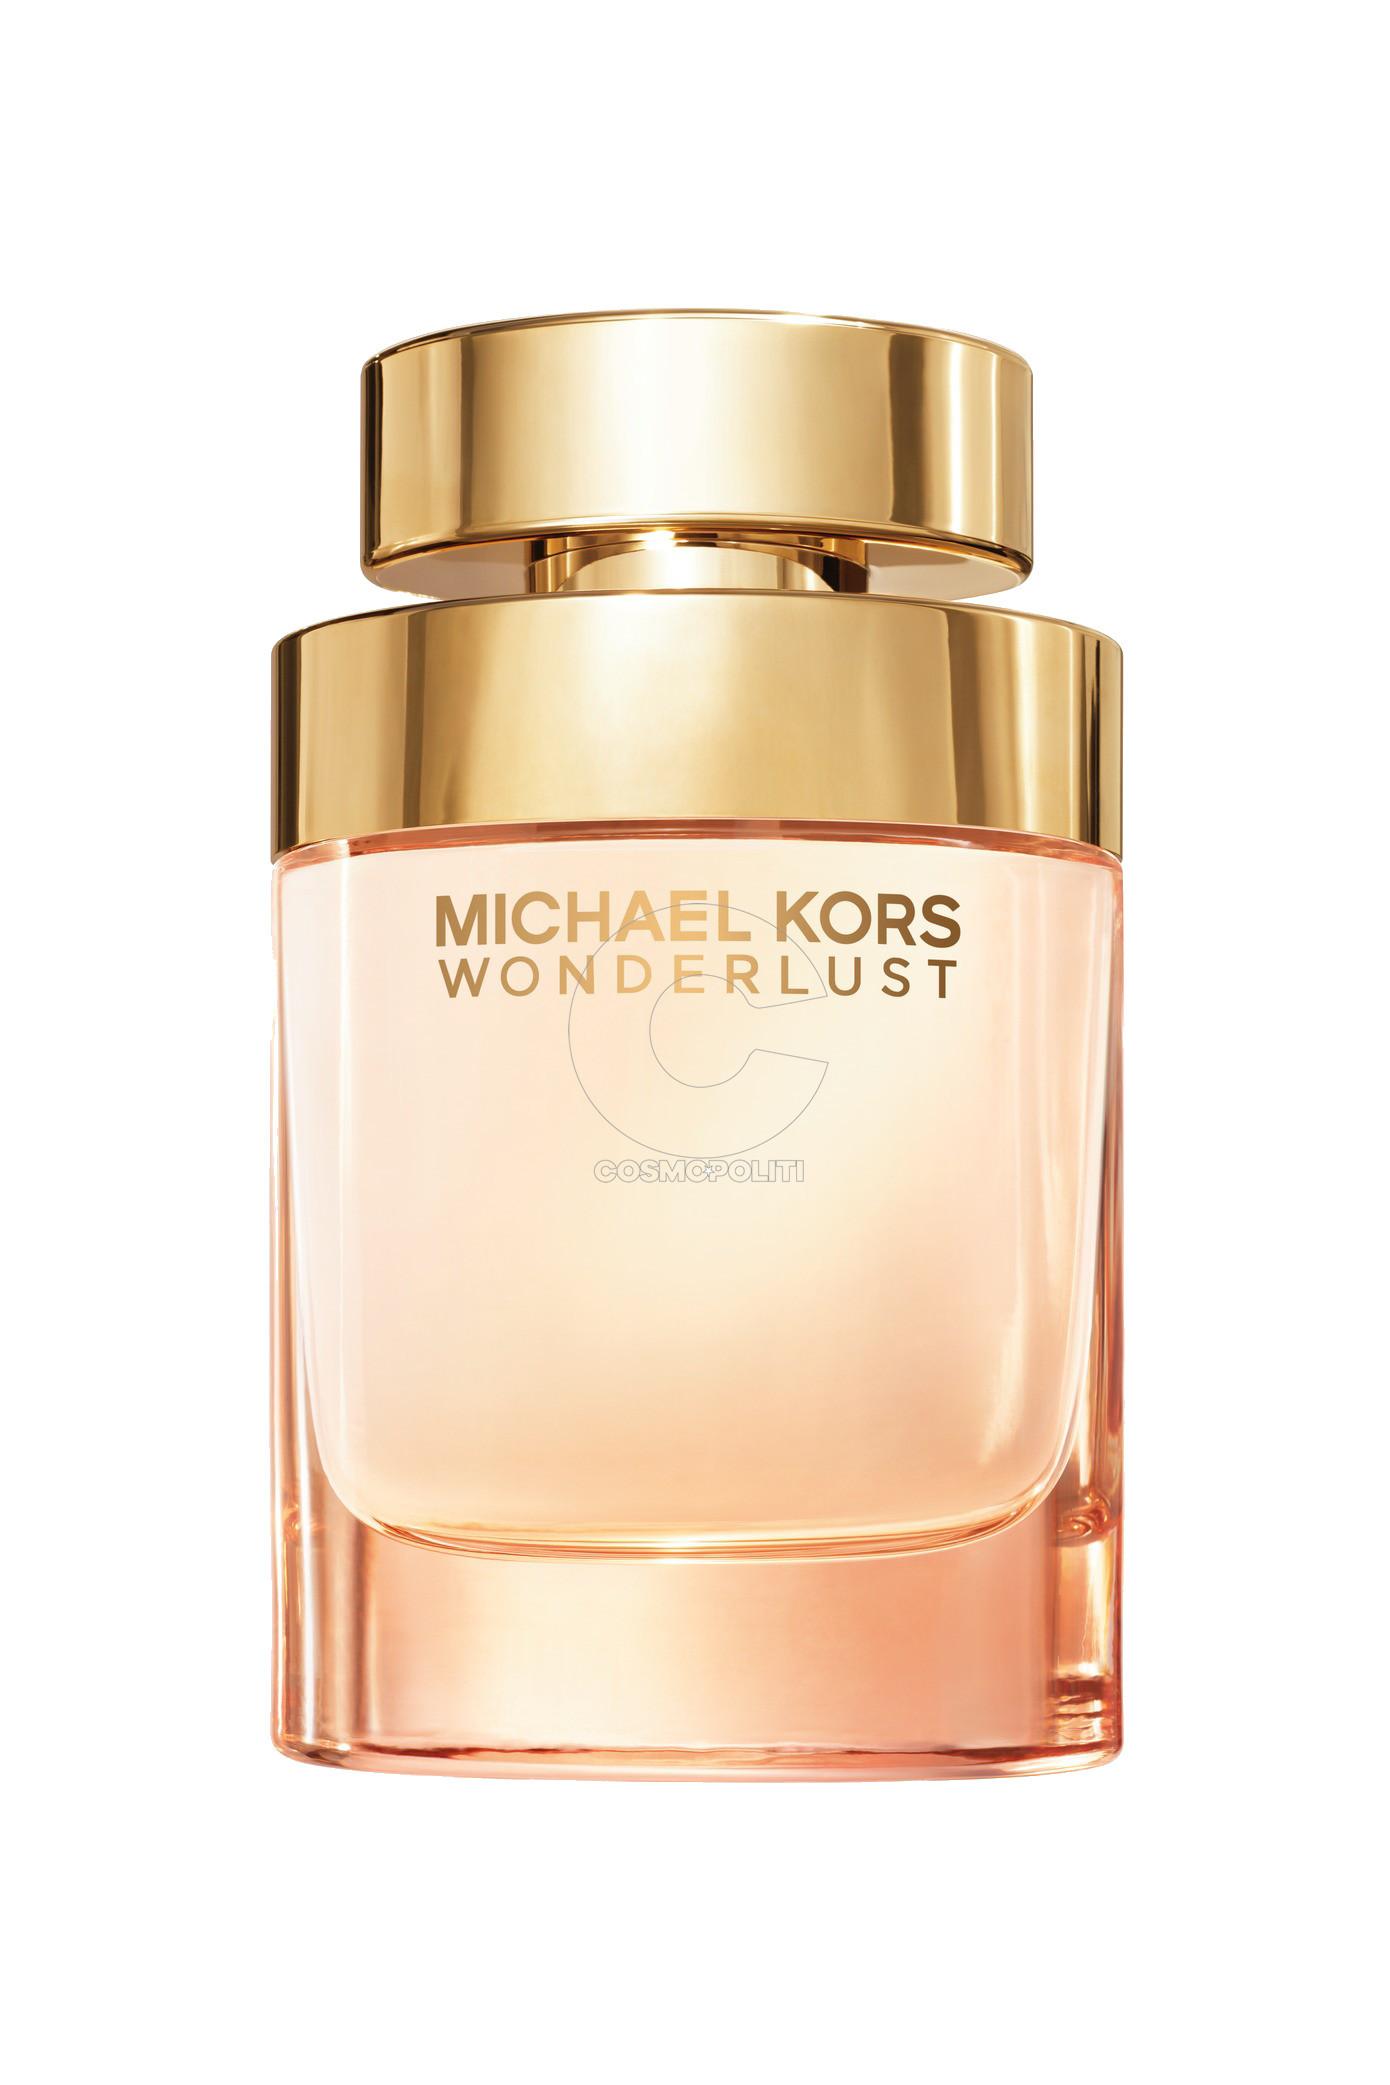 MK_Wonderlust_EDP_Bottle_72dpi